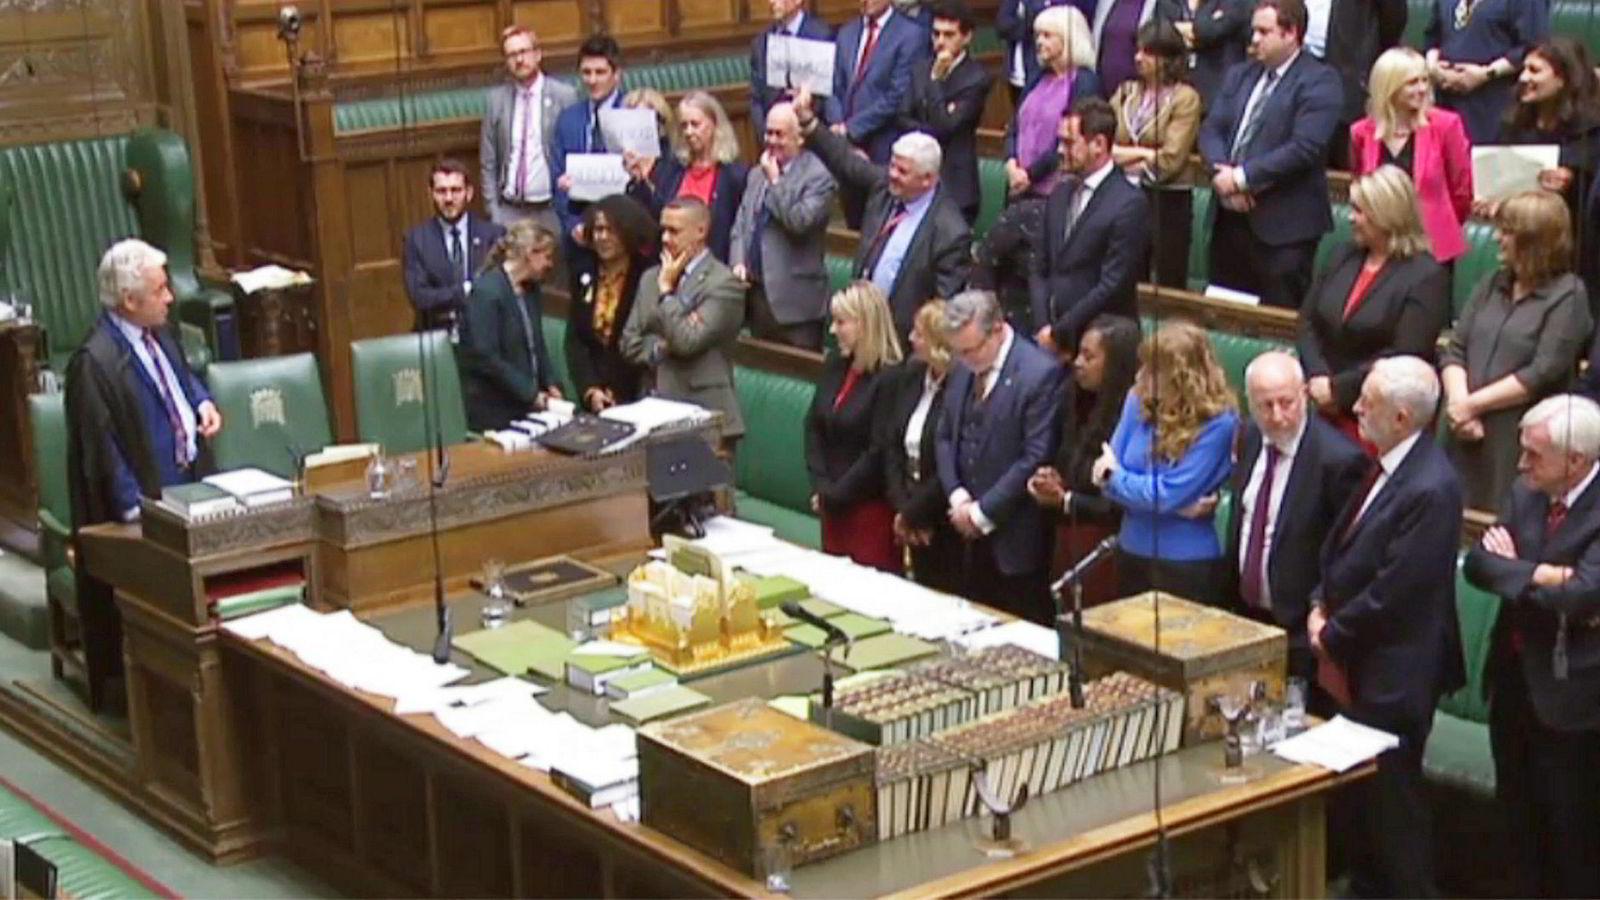 Kaotisk avskjed. Klokken to om morgenen tirsdag morgen stengte Parlamentet for ufrivillig fem ukers ferie, til heftige protester fra folkevalgte som mener statsministeren stenger ned demokratiet